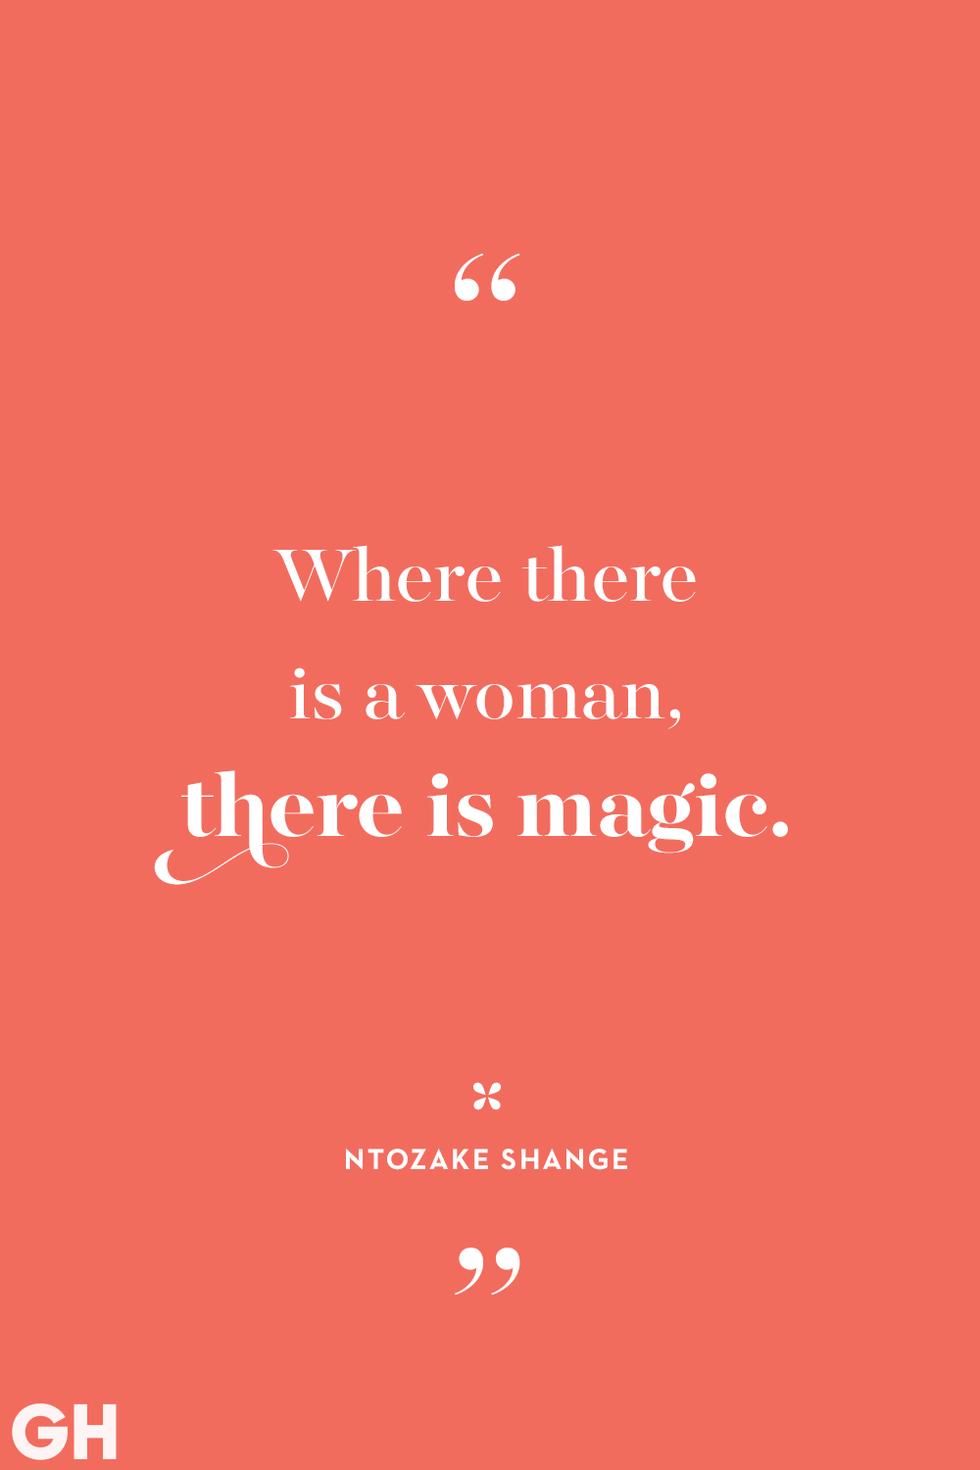 Härliga citat för att fira internationella kvinnodagen i